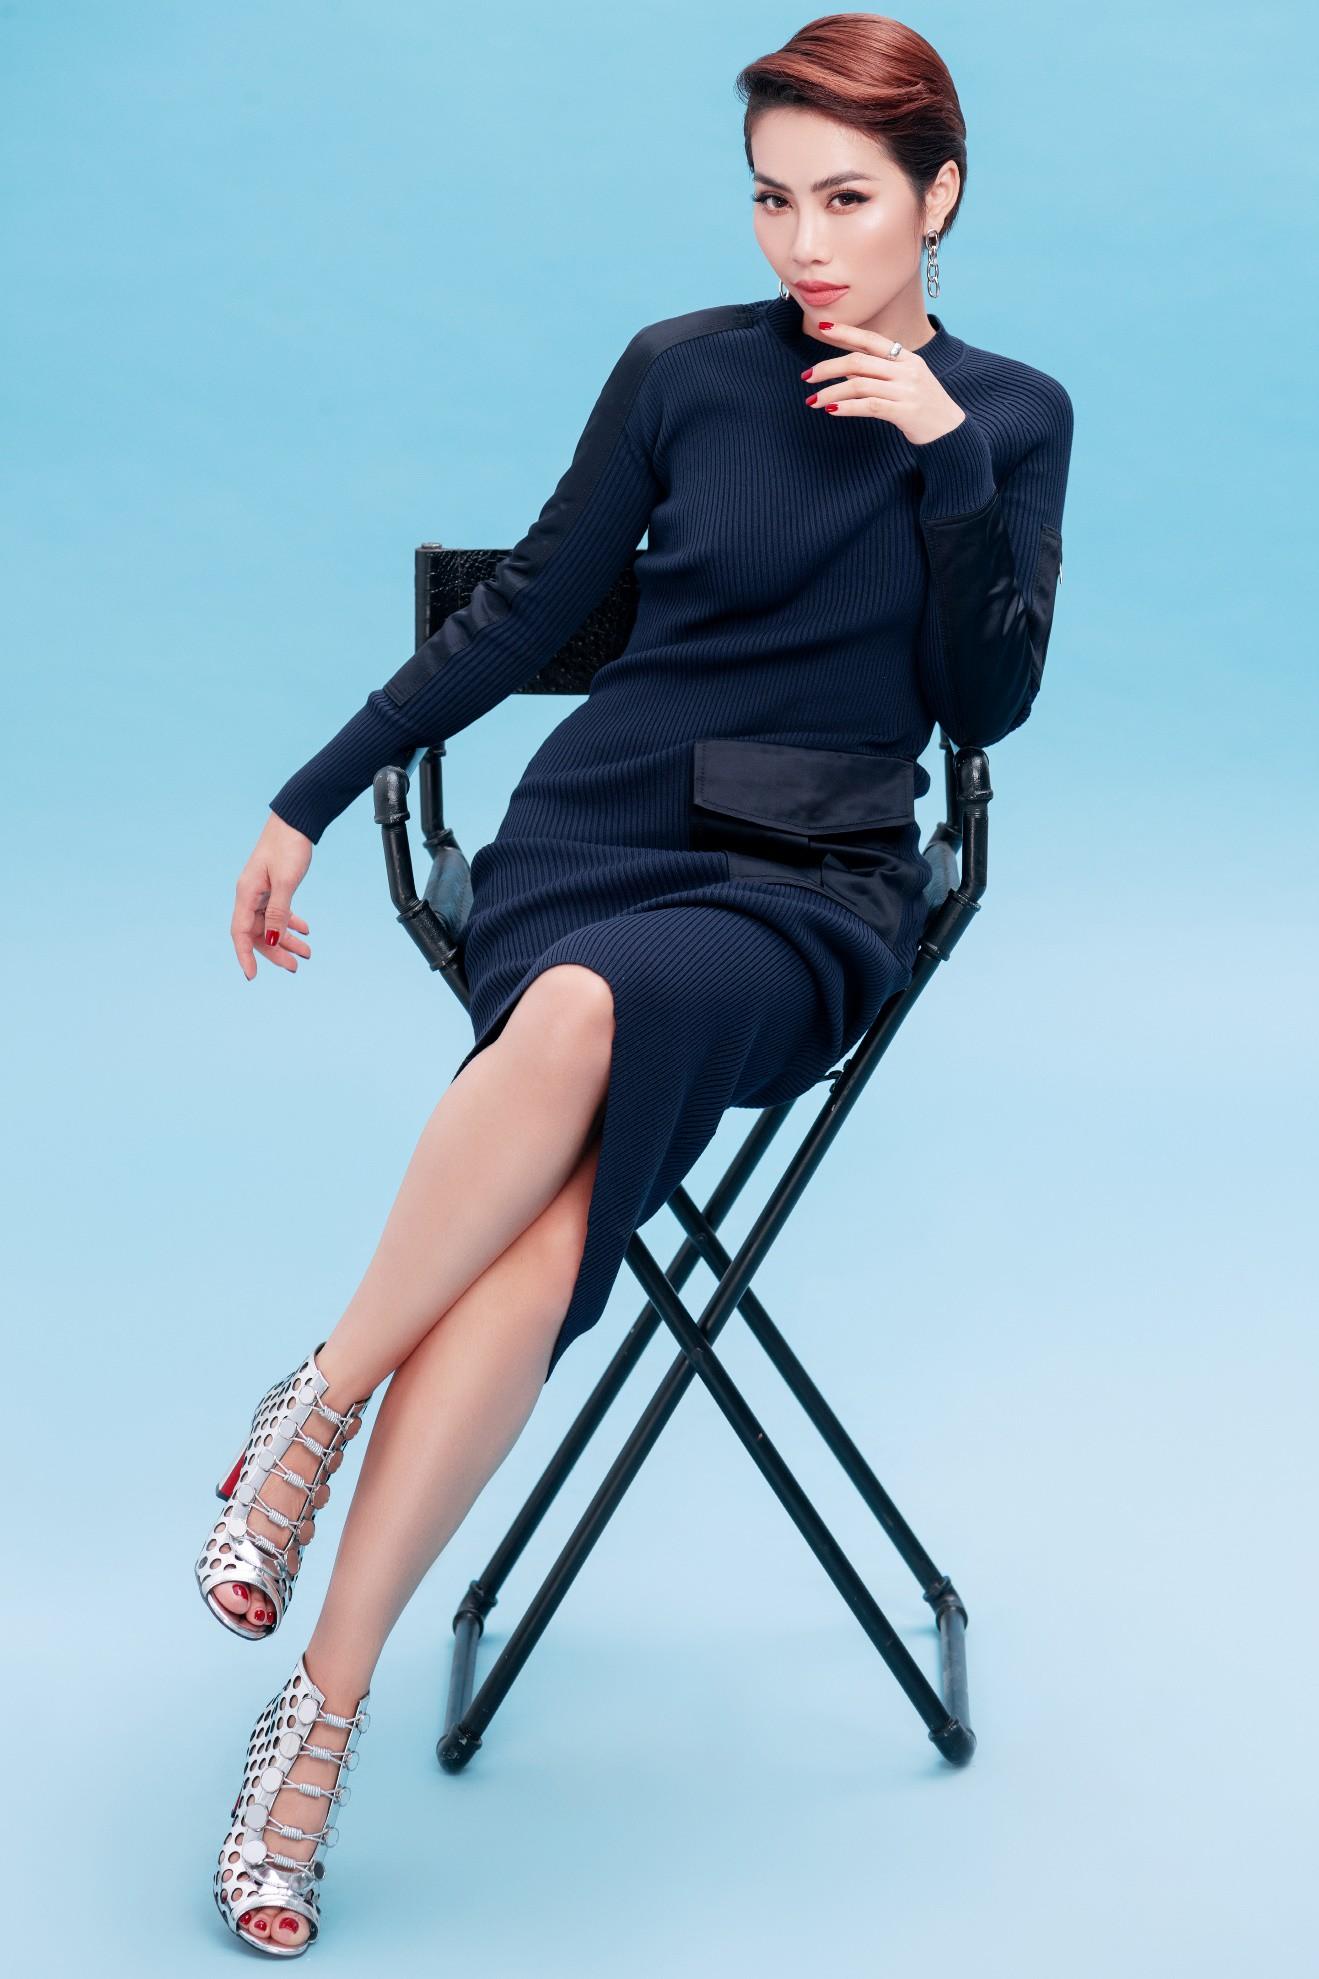 Nữ doanh nhân 8x - Xuyến Nguyễn và câu chuyện truyền cảm hứng cho những người trẻ đam mê kinh doanh thời trang - Ảnh 2.